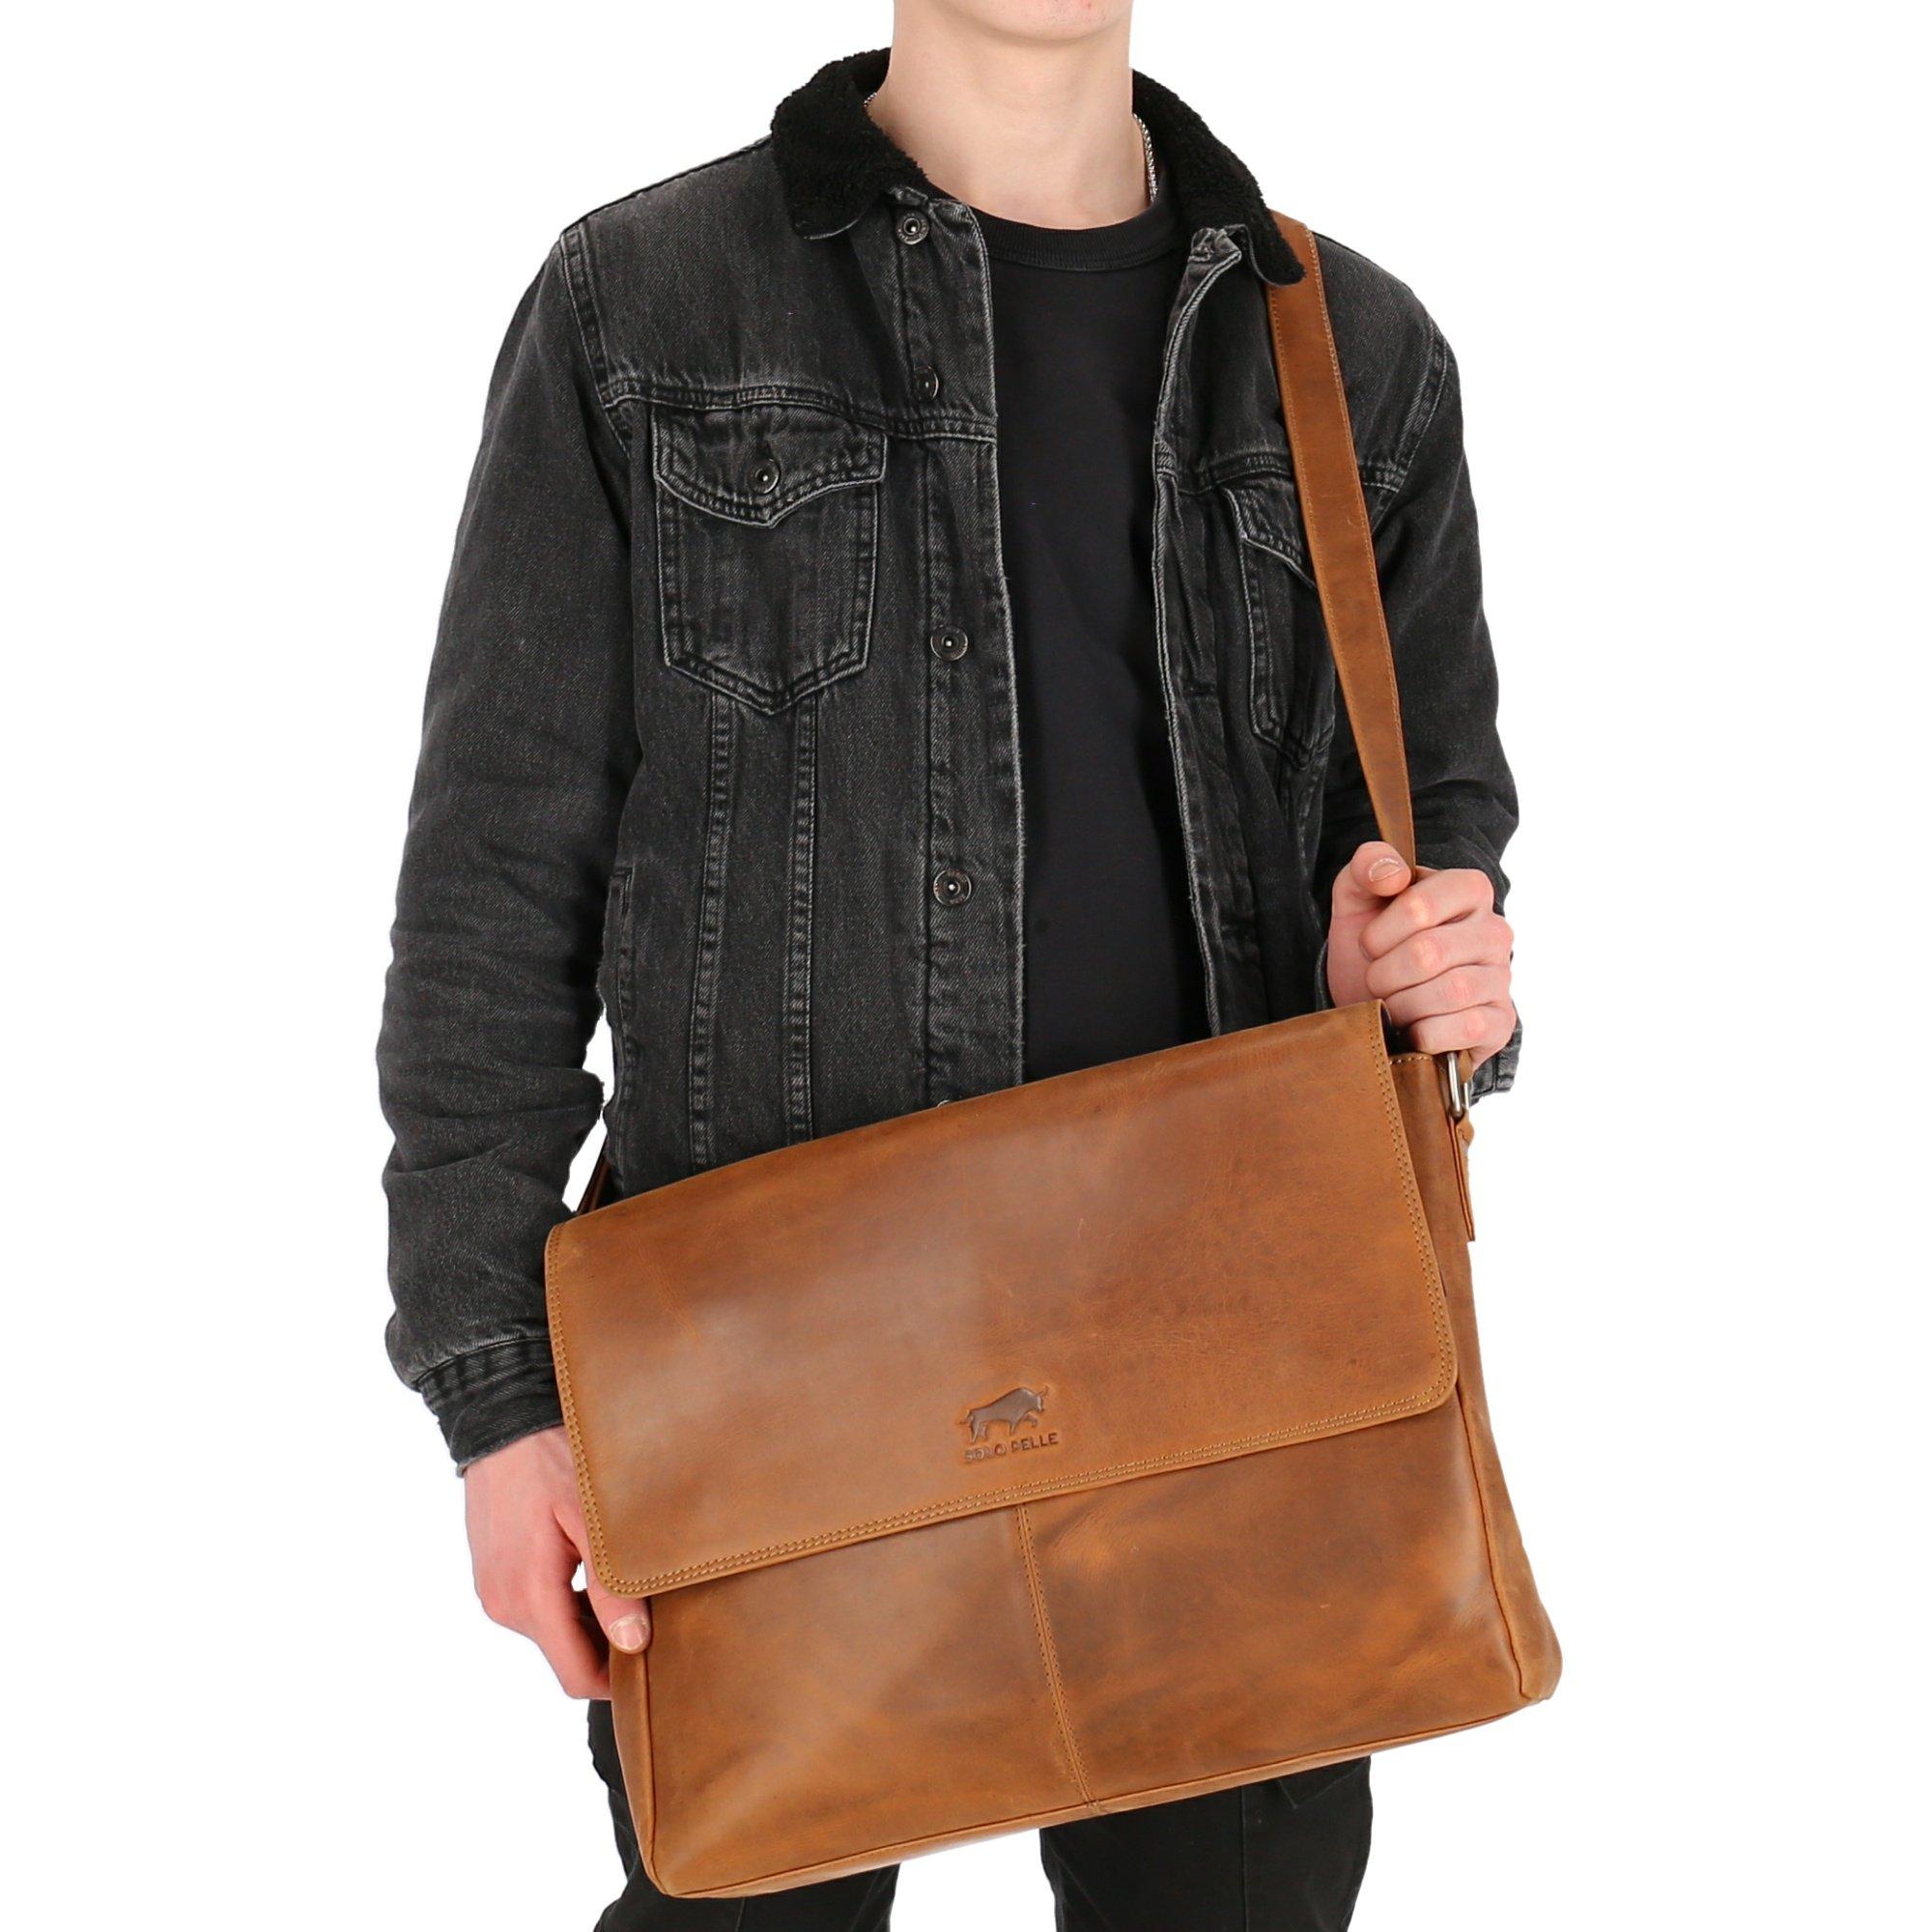 Solo Pelle Business Messenger Tasche aus echtem Leder Model: Henry 15 Zoll (Cognac Braun)